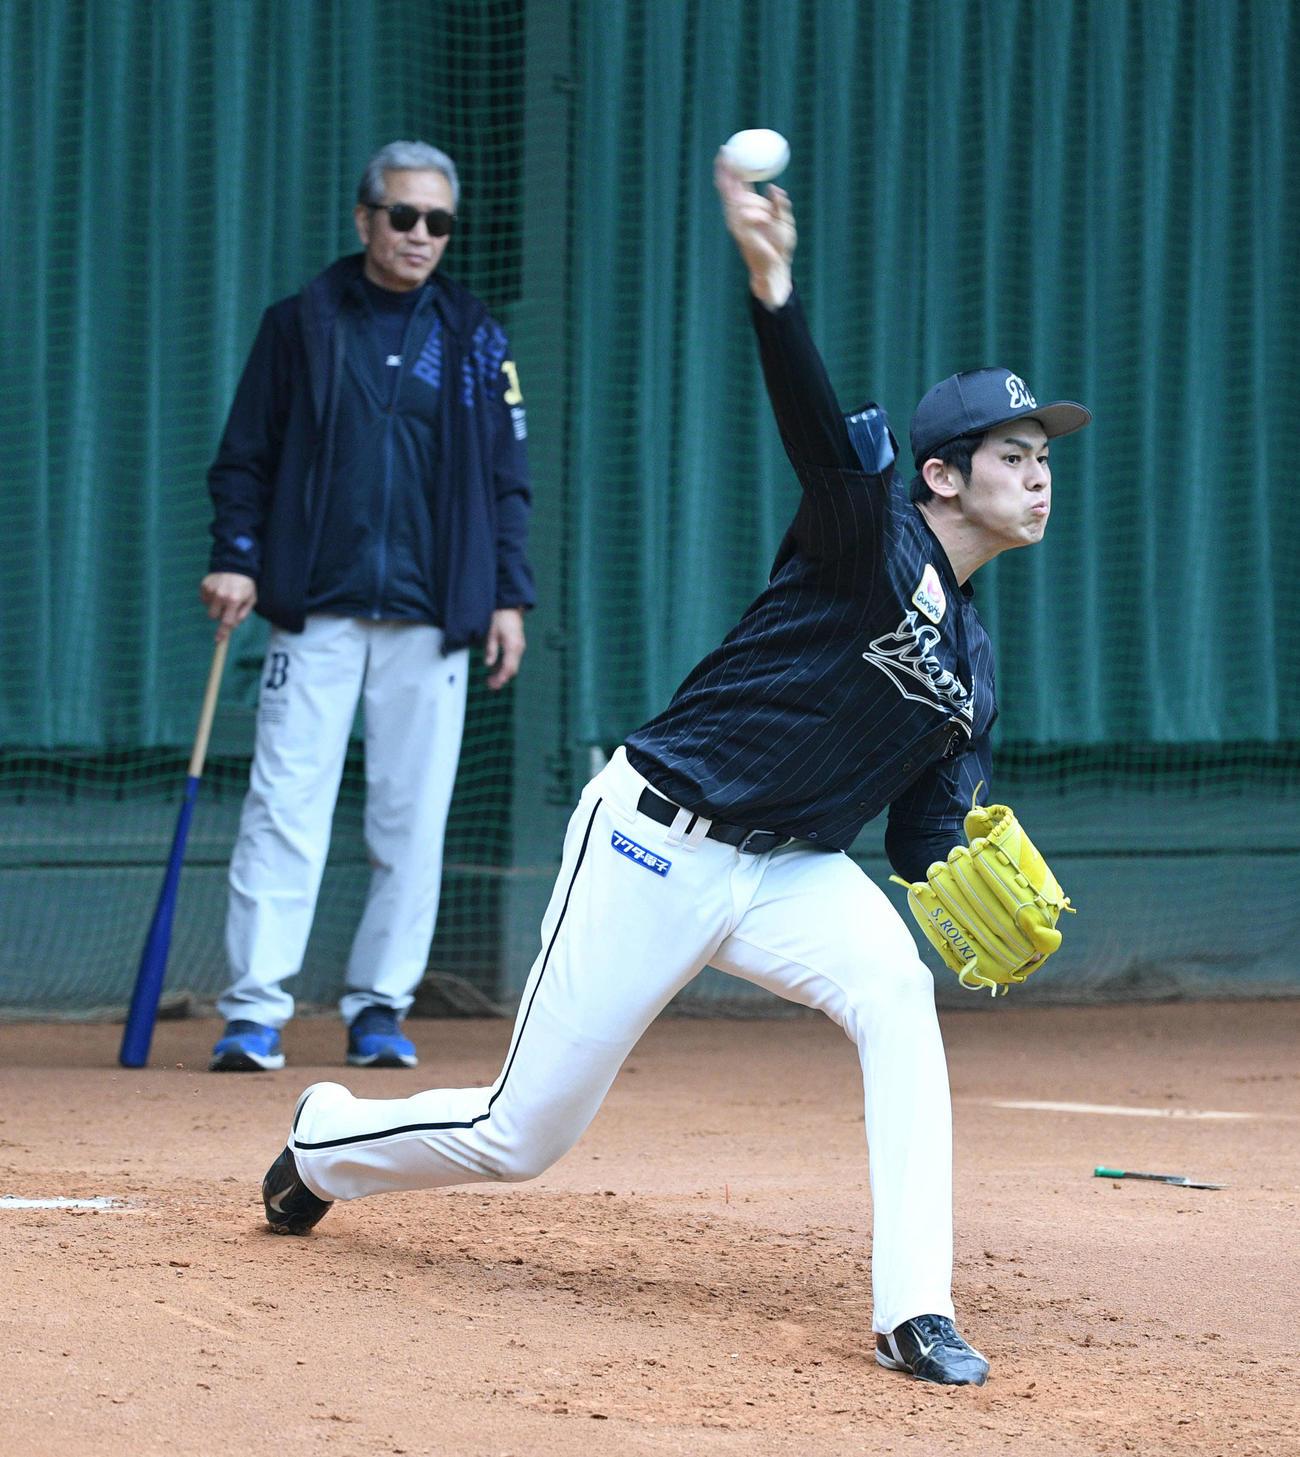 山田久志オリックス臨時コーチが見守る中、投球練習するロッテ佐々木朗(撮影・渦原淳)